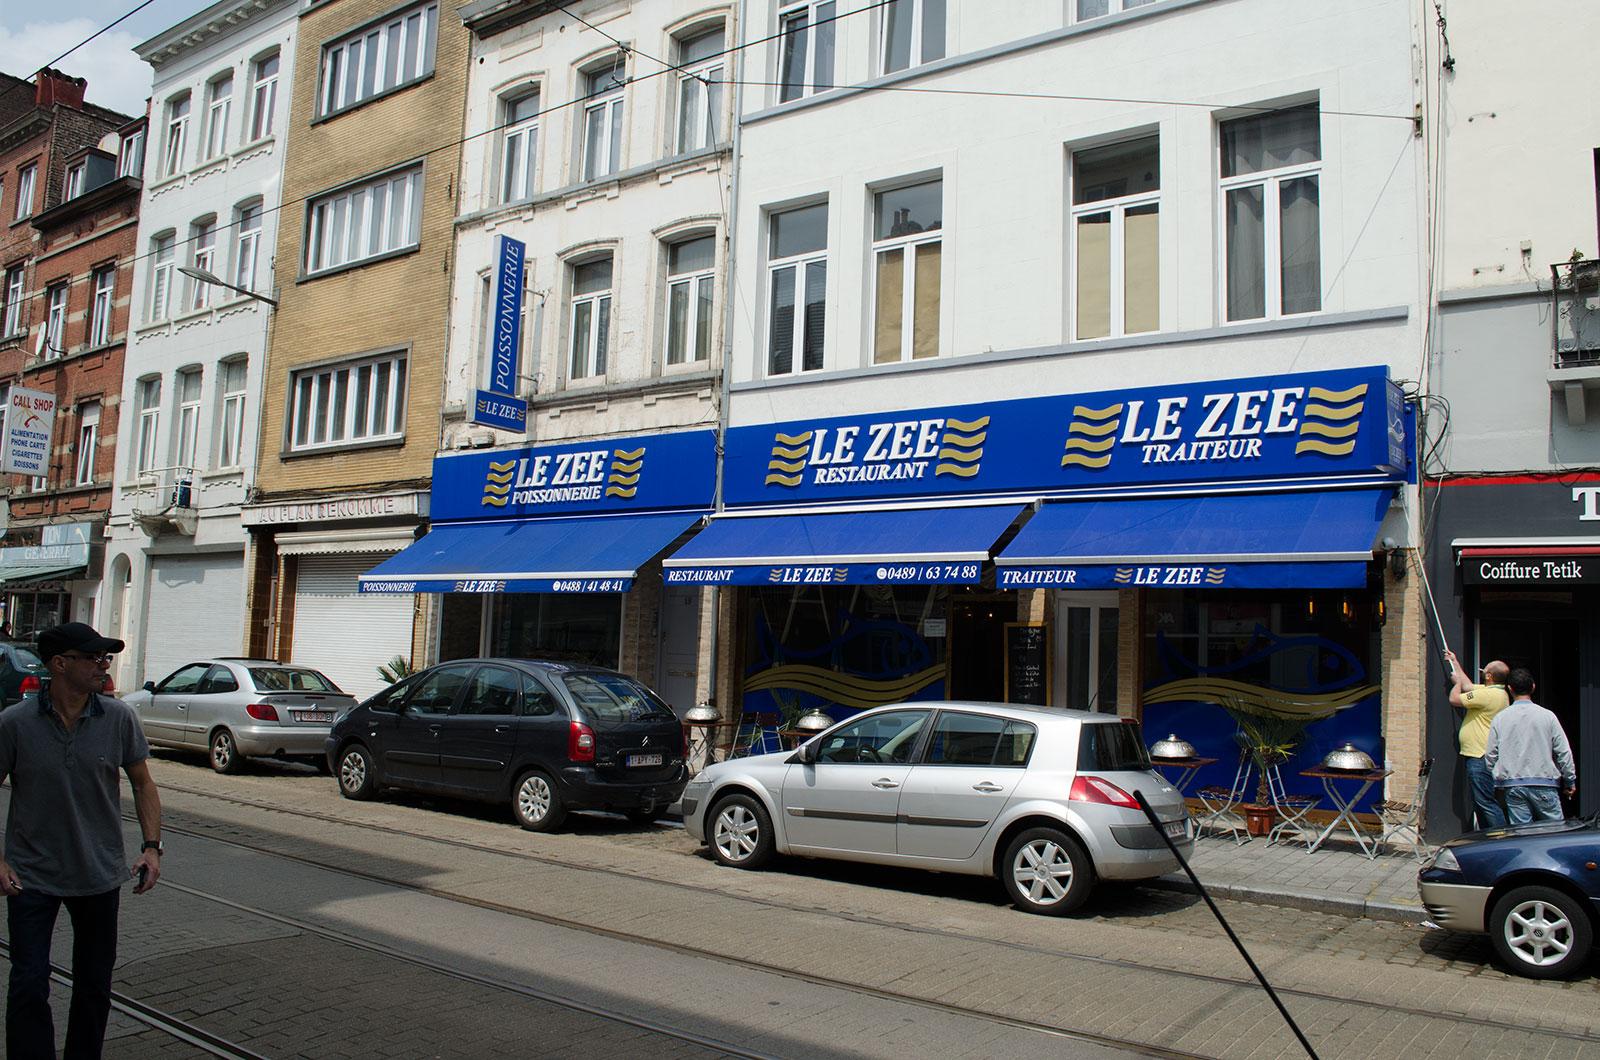 traiteur-img-4 - Livraison de poissons • Poissonnerie • Restaurant • Traiteur à Anderlecht